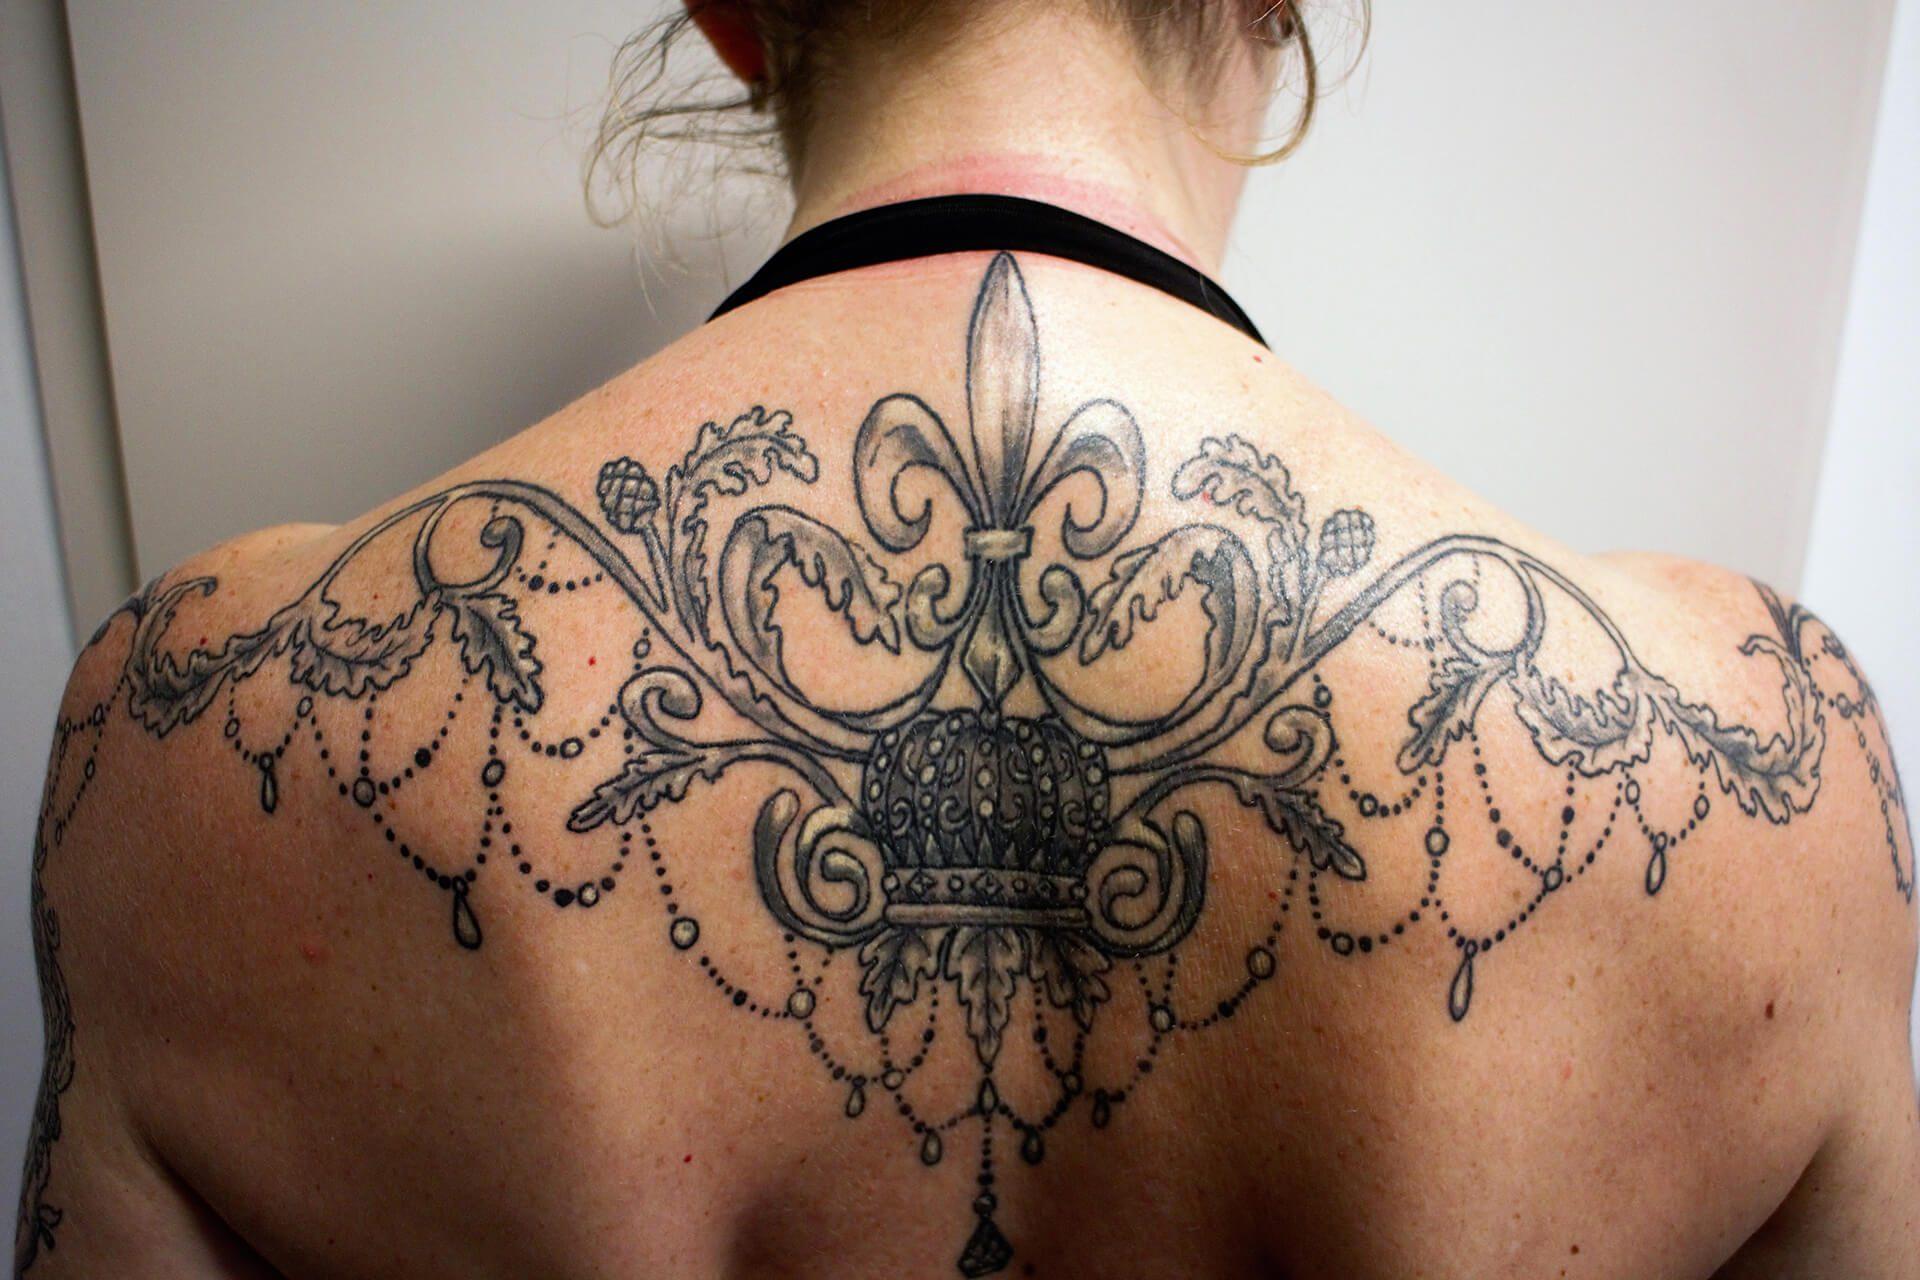 Cosmopolitan Tattoo - Création tatouage baroque, dos féminin, noir et blanc, fleur de lys et entrelas